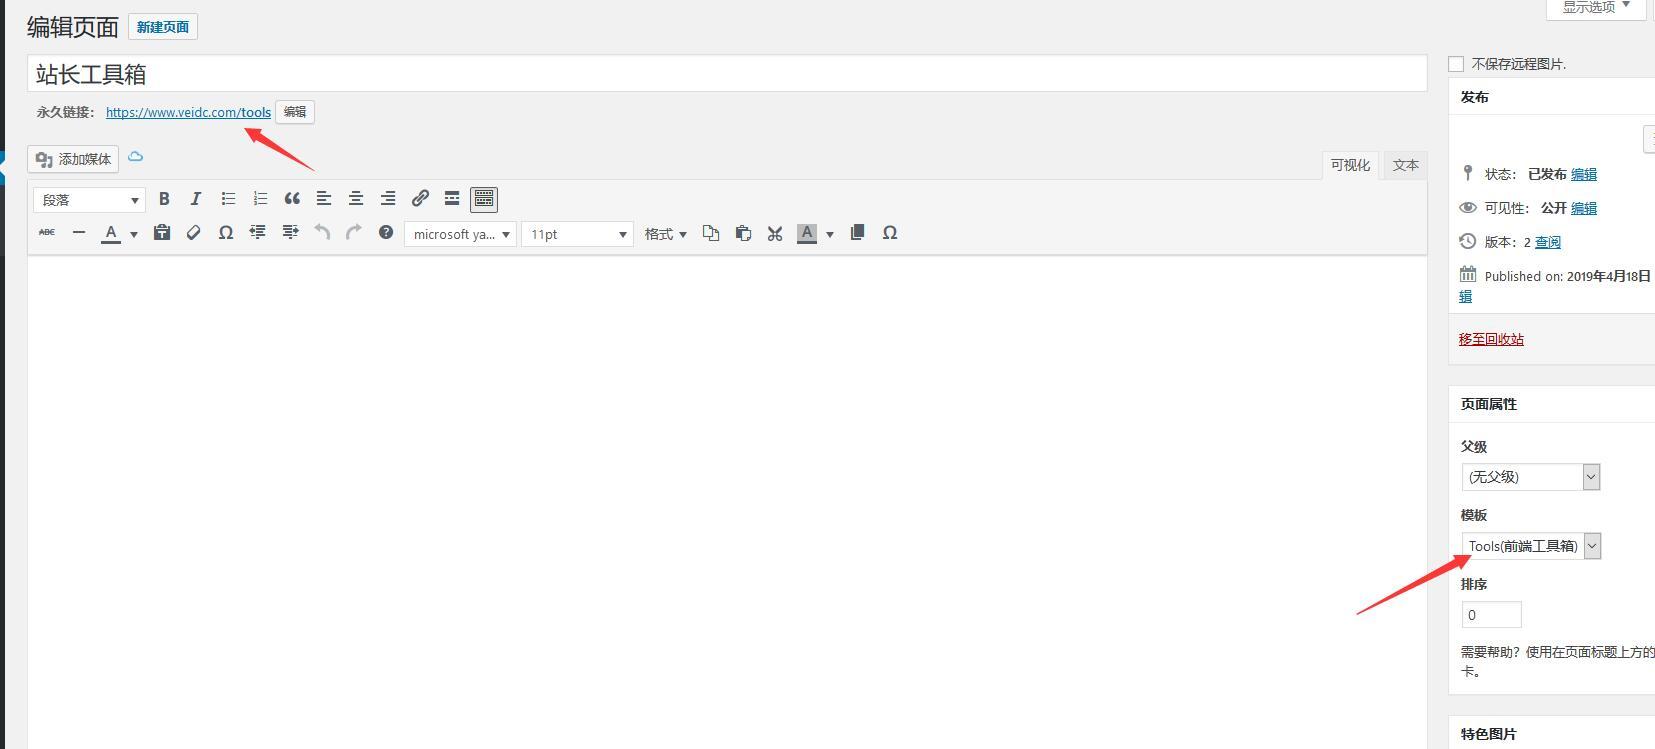 DUX主题添加前端开发工具箱功能插图1